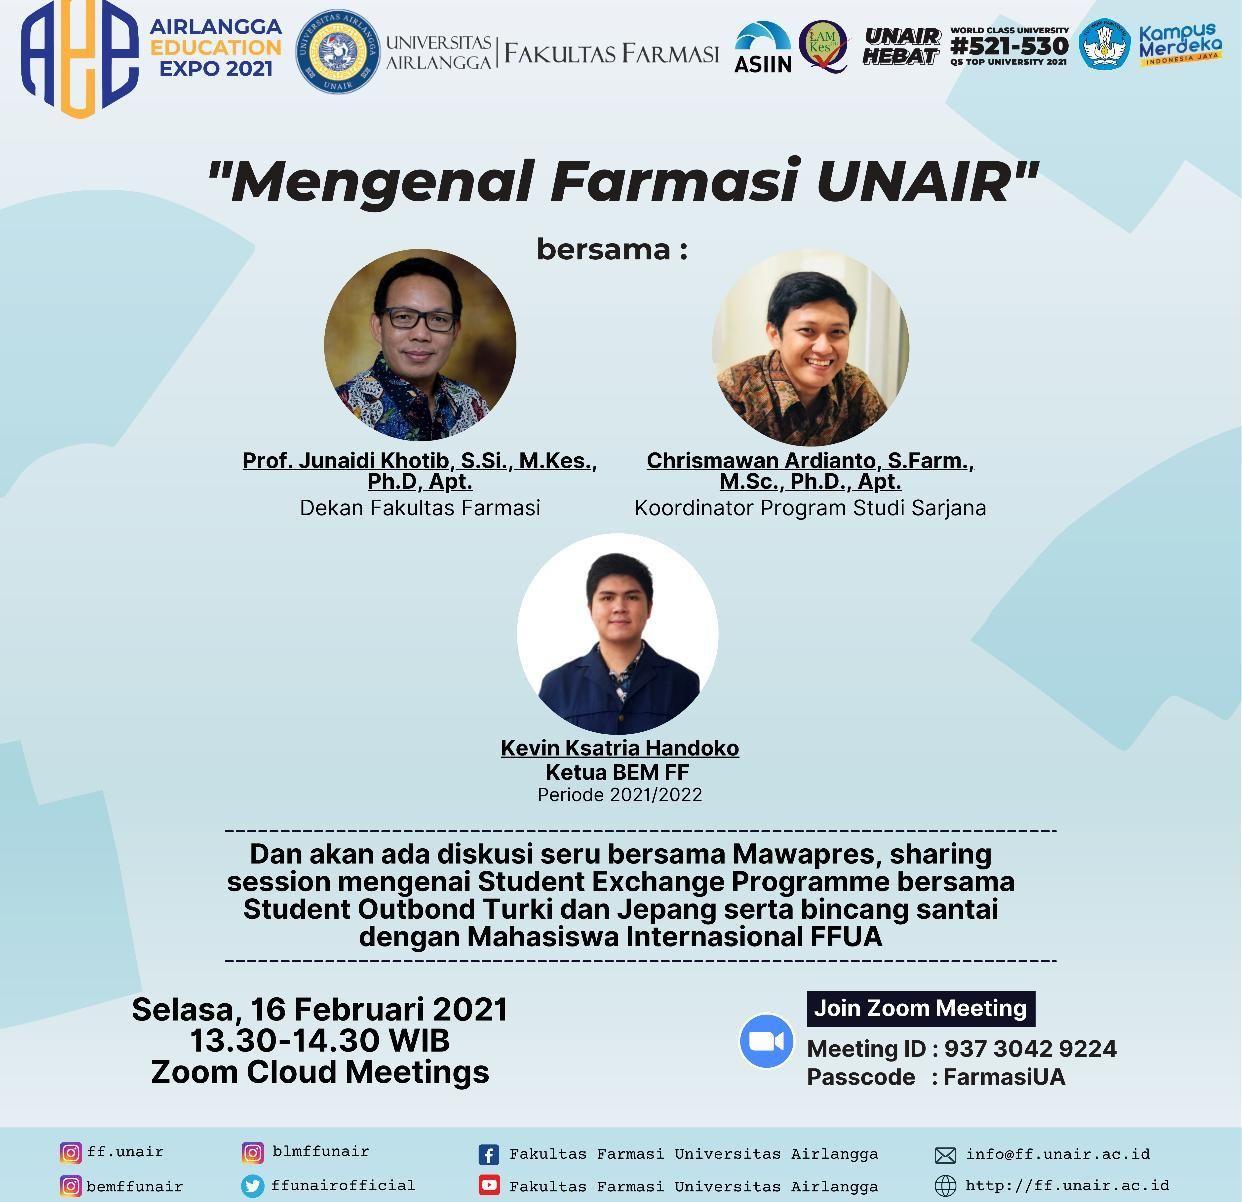 Mengenal Farmasi UNAIR dalam rangka Airlangga Education Expo